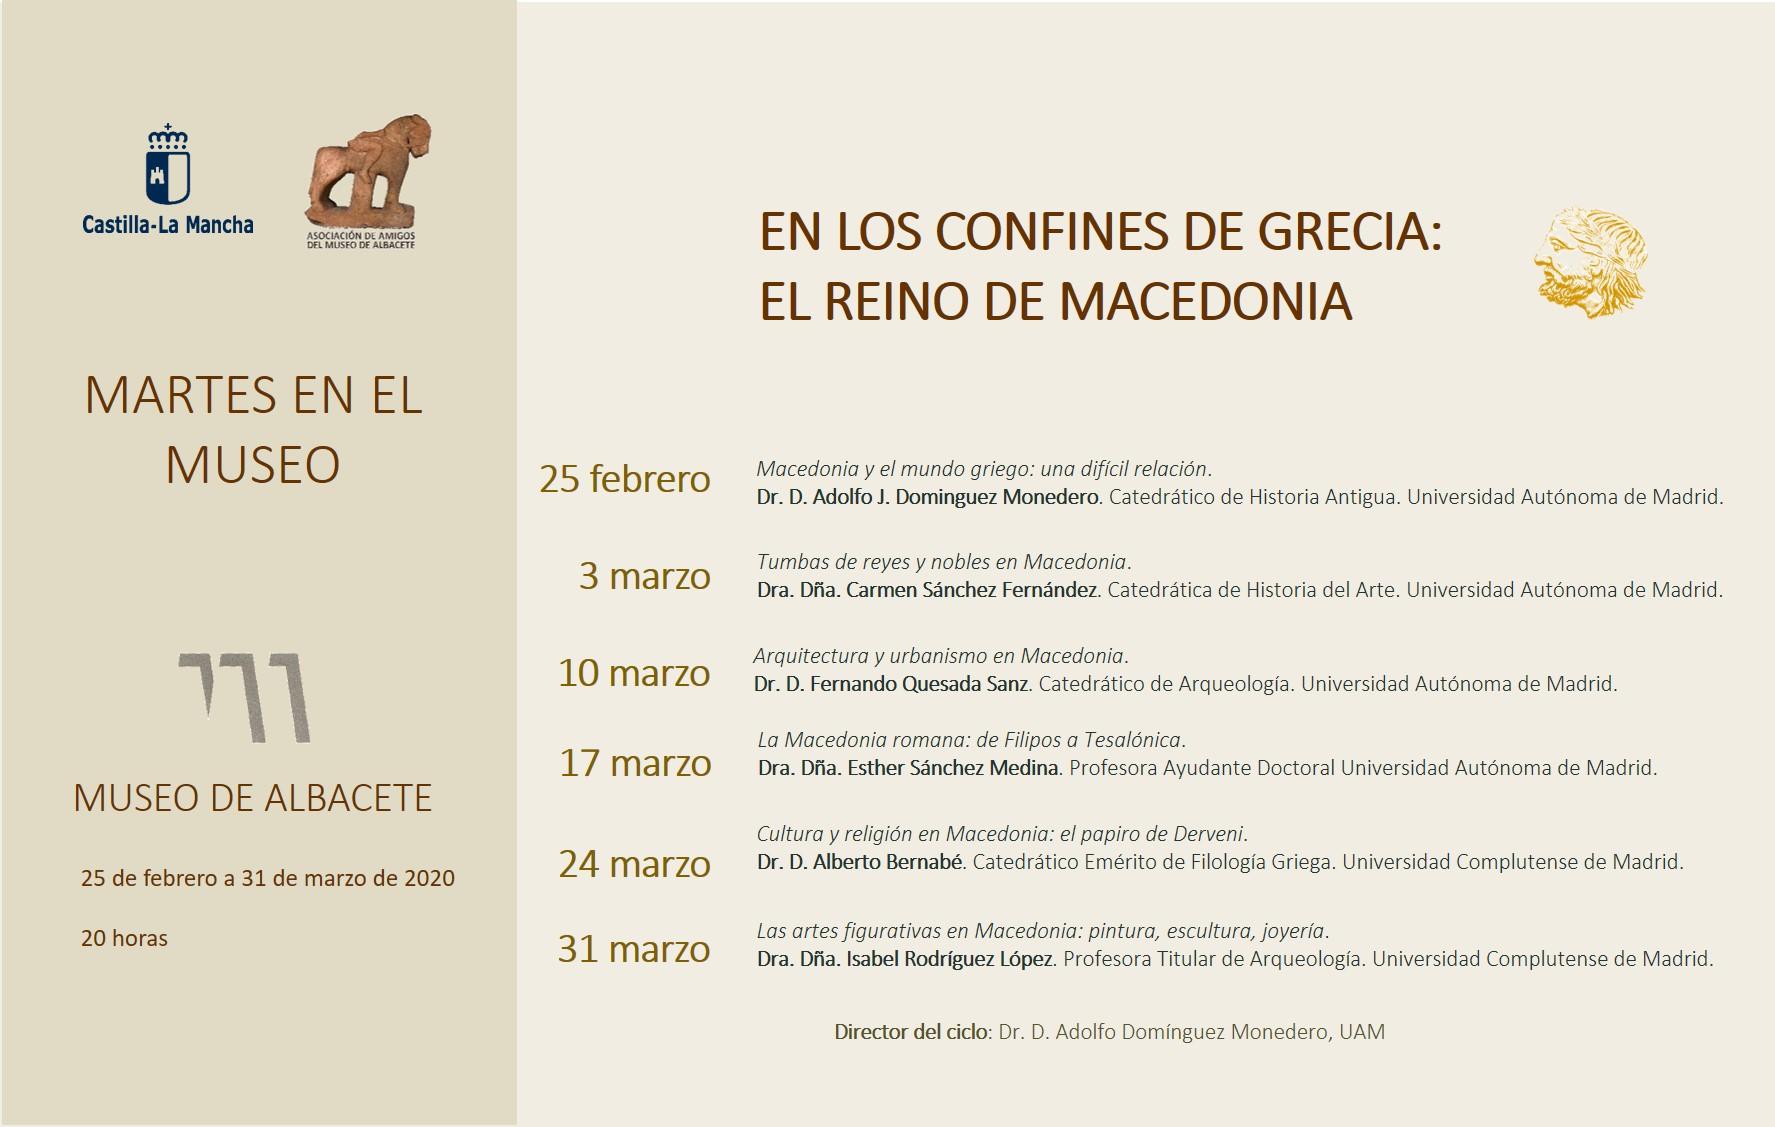 Imagen de la actividad MARTES EN EL MUSEO. EN LOS CONFINES DE GRECIA: EL REINO DE MACEDONIA